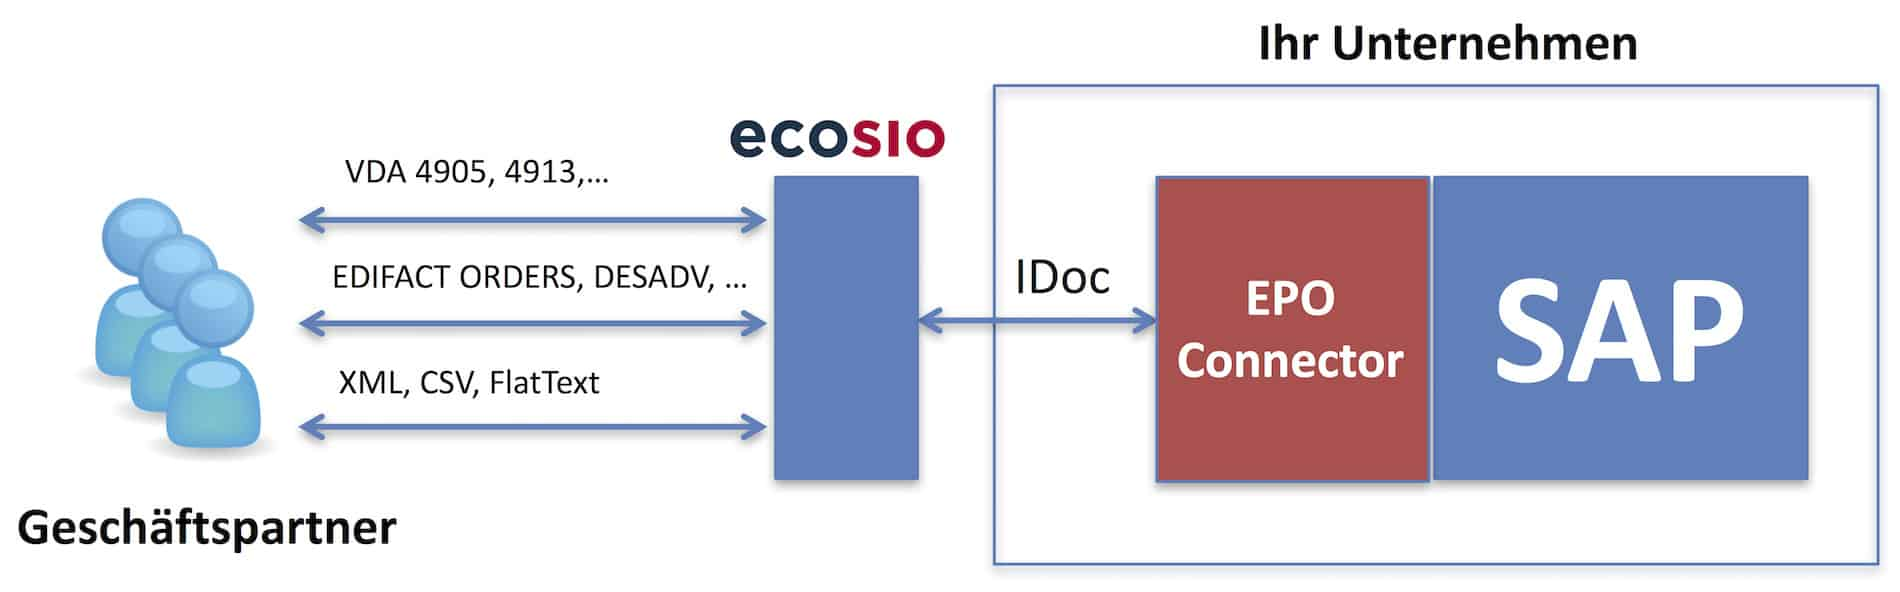 Elektronischer Datenaustausch mit ecosio und EPO-Connector